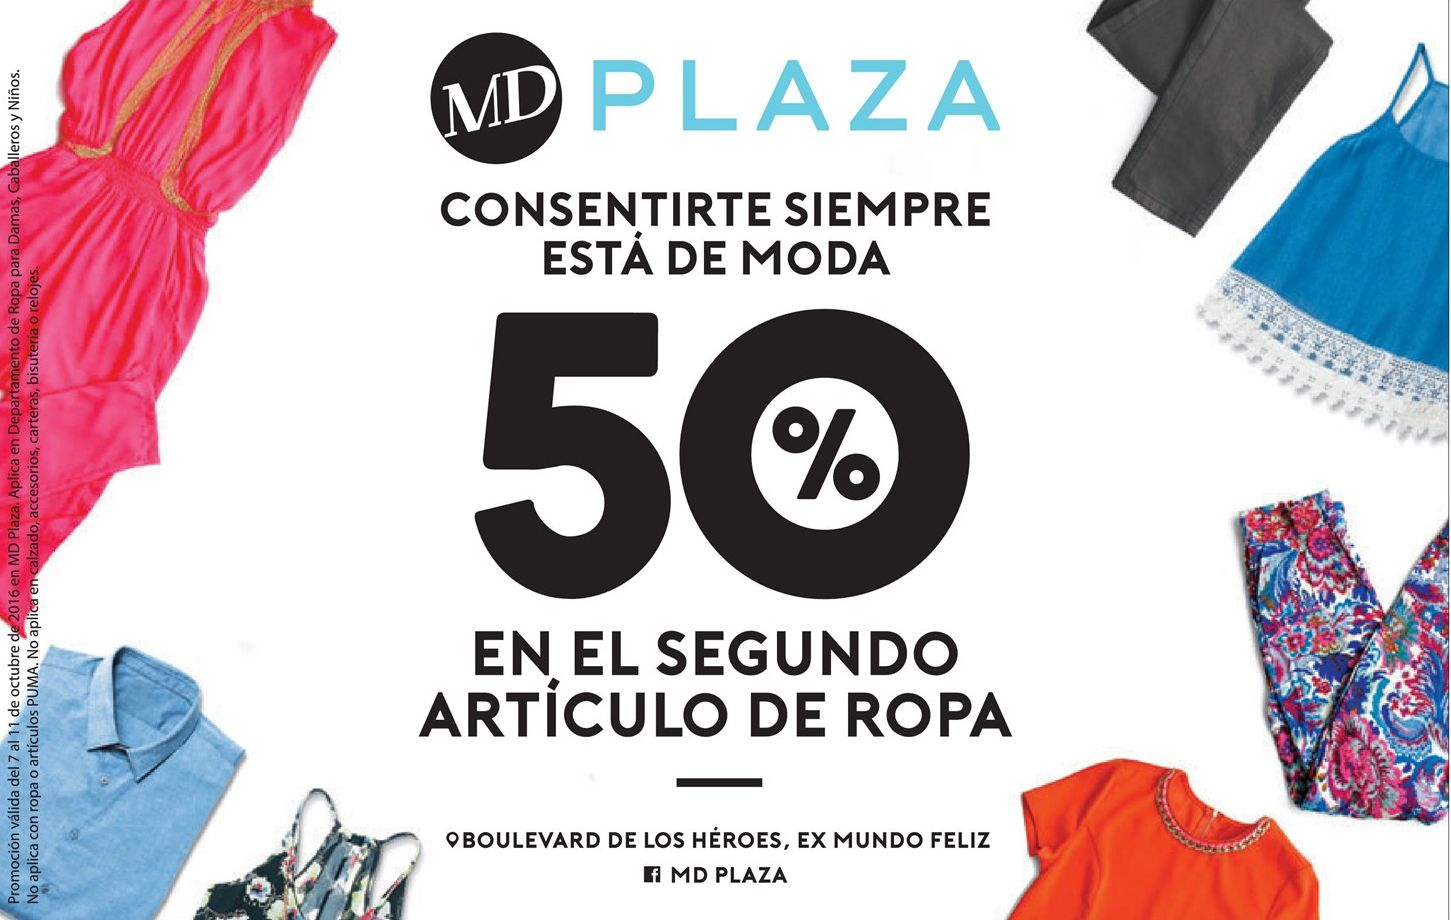 md-plaza-50-off-en-el-segundo-articulo-de-ropa